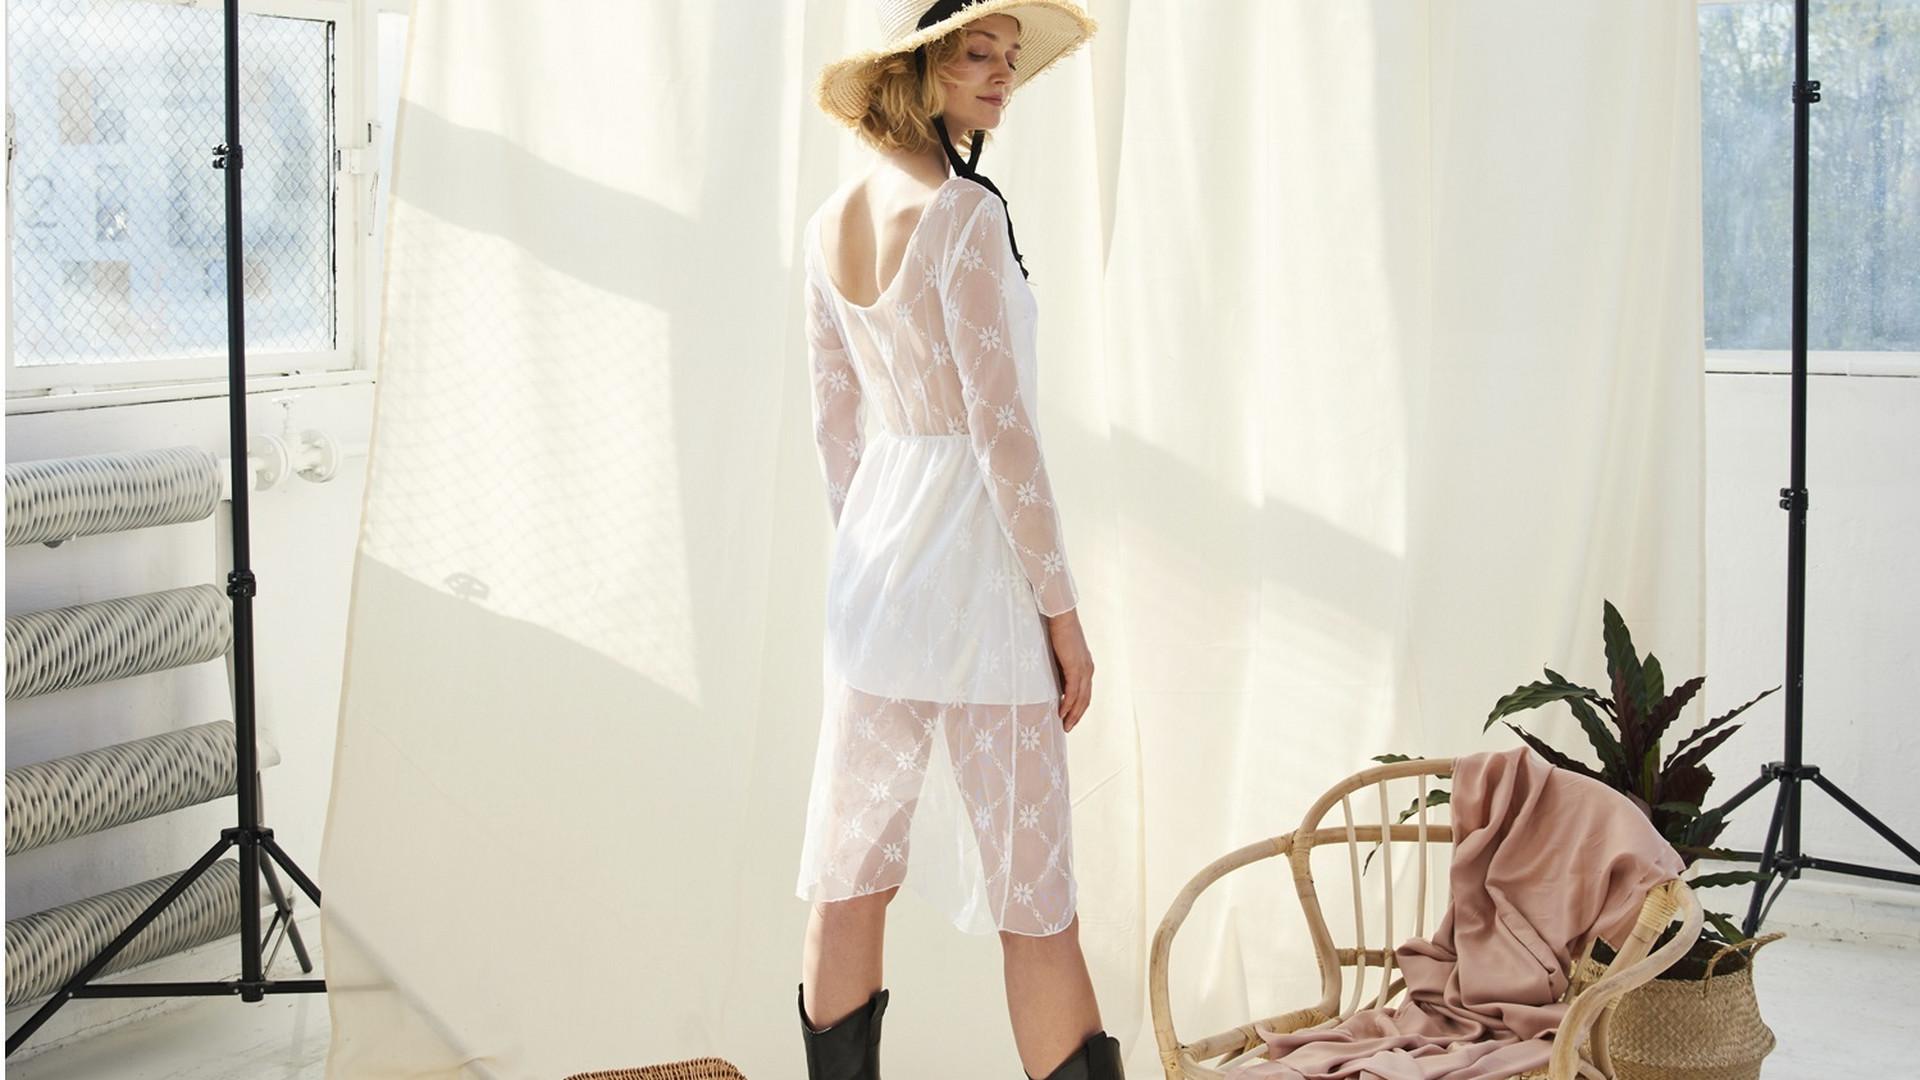 d4acd84ecd7ca5 Sukienki ze starych firanek - Ola Kaszkowiak z Oho Design opowiada, jak  łamie koronkowe stereotypy